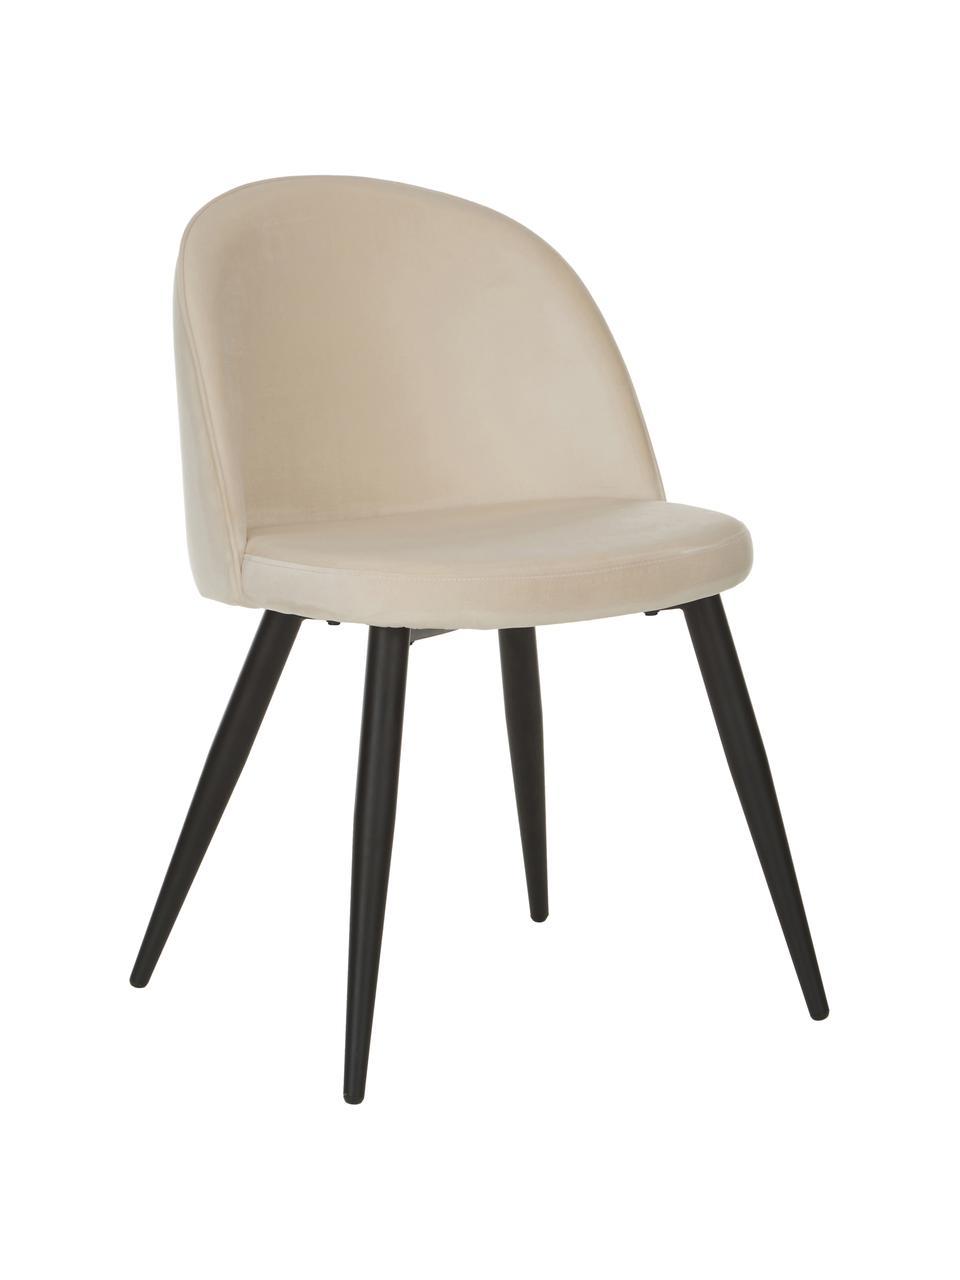 Chaise moderne en velours Amy, 2pièces, Velours blanc crème